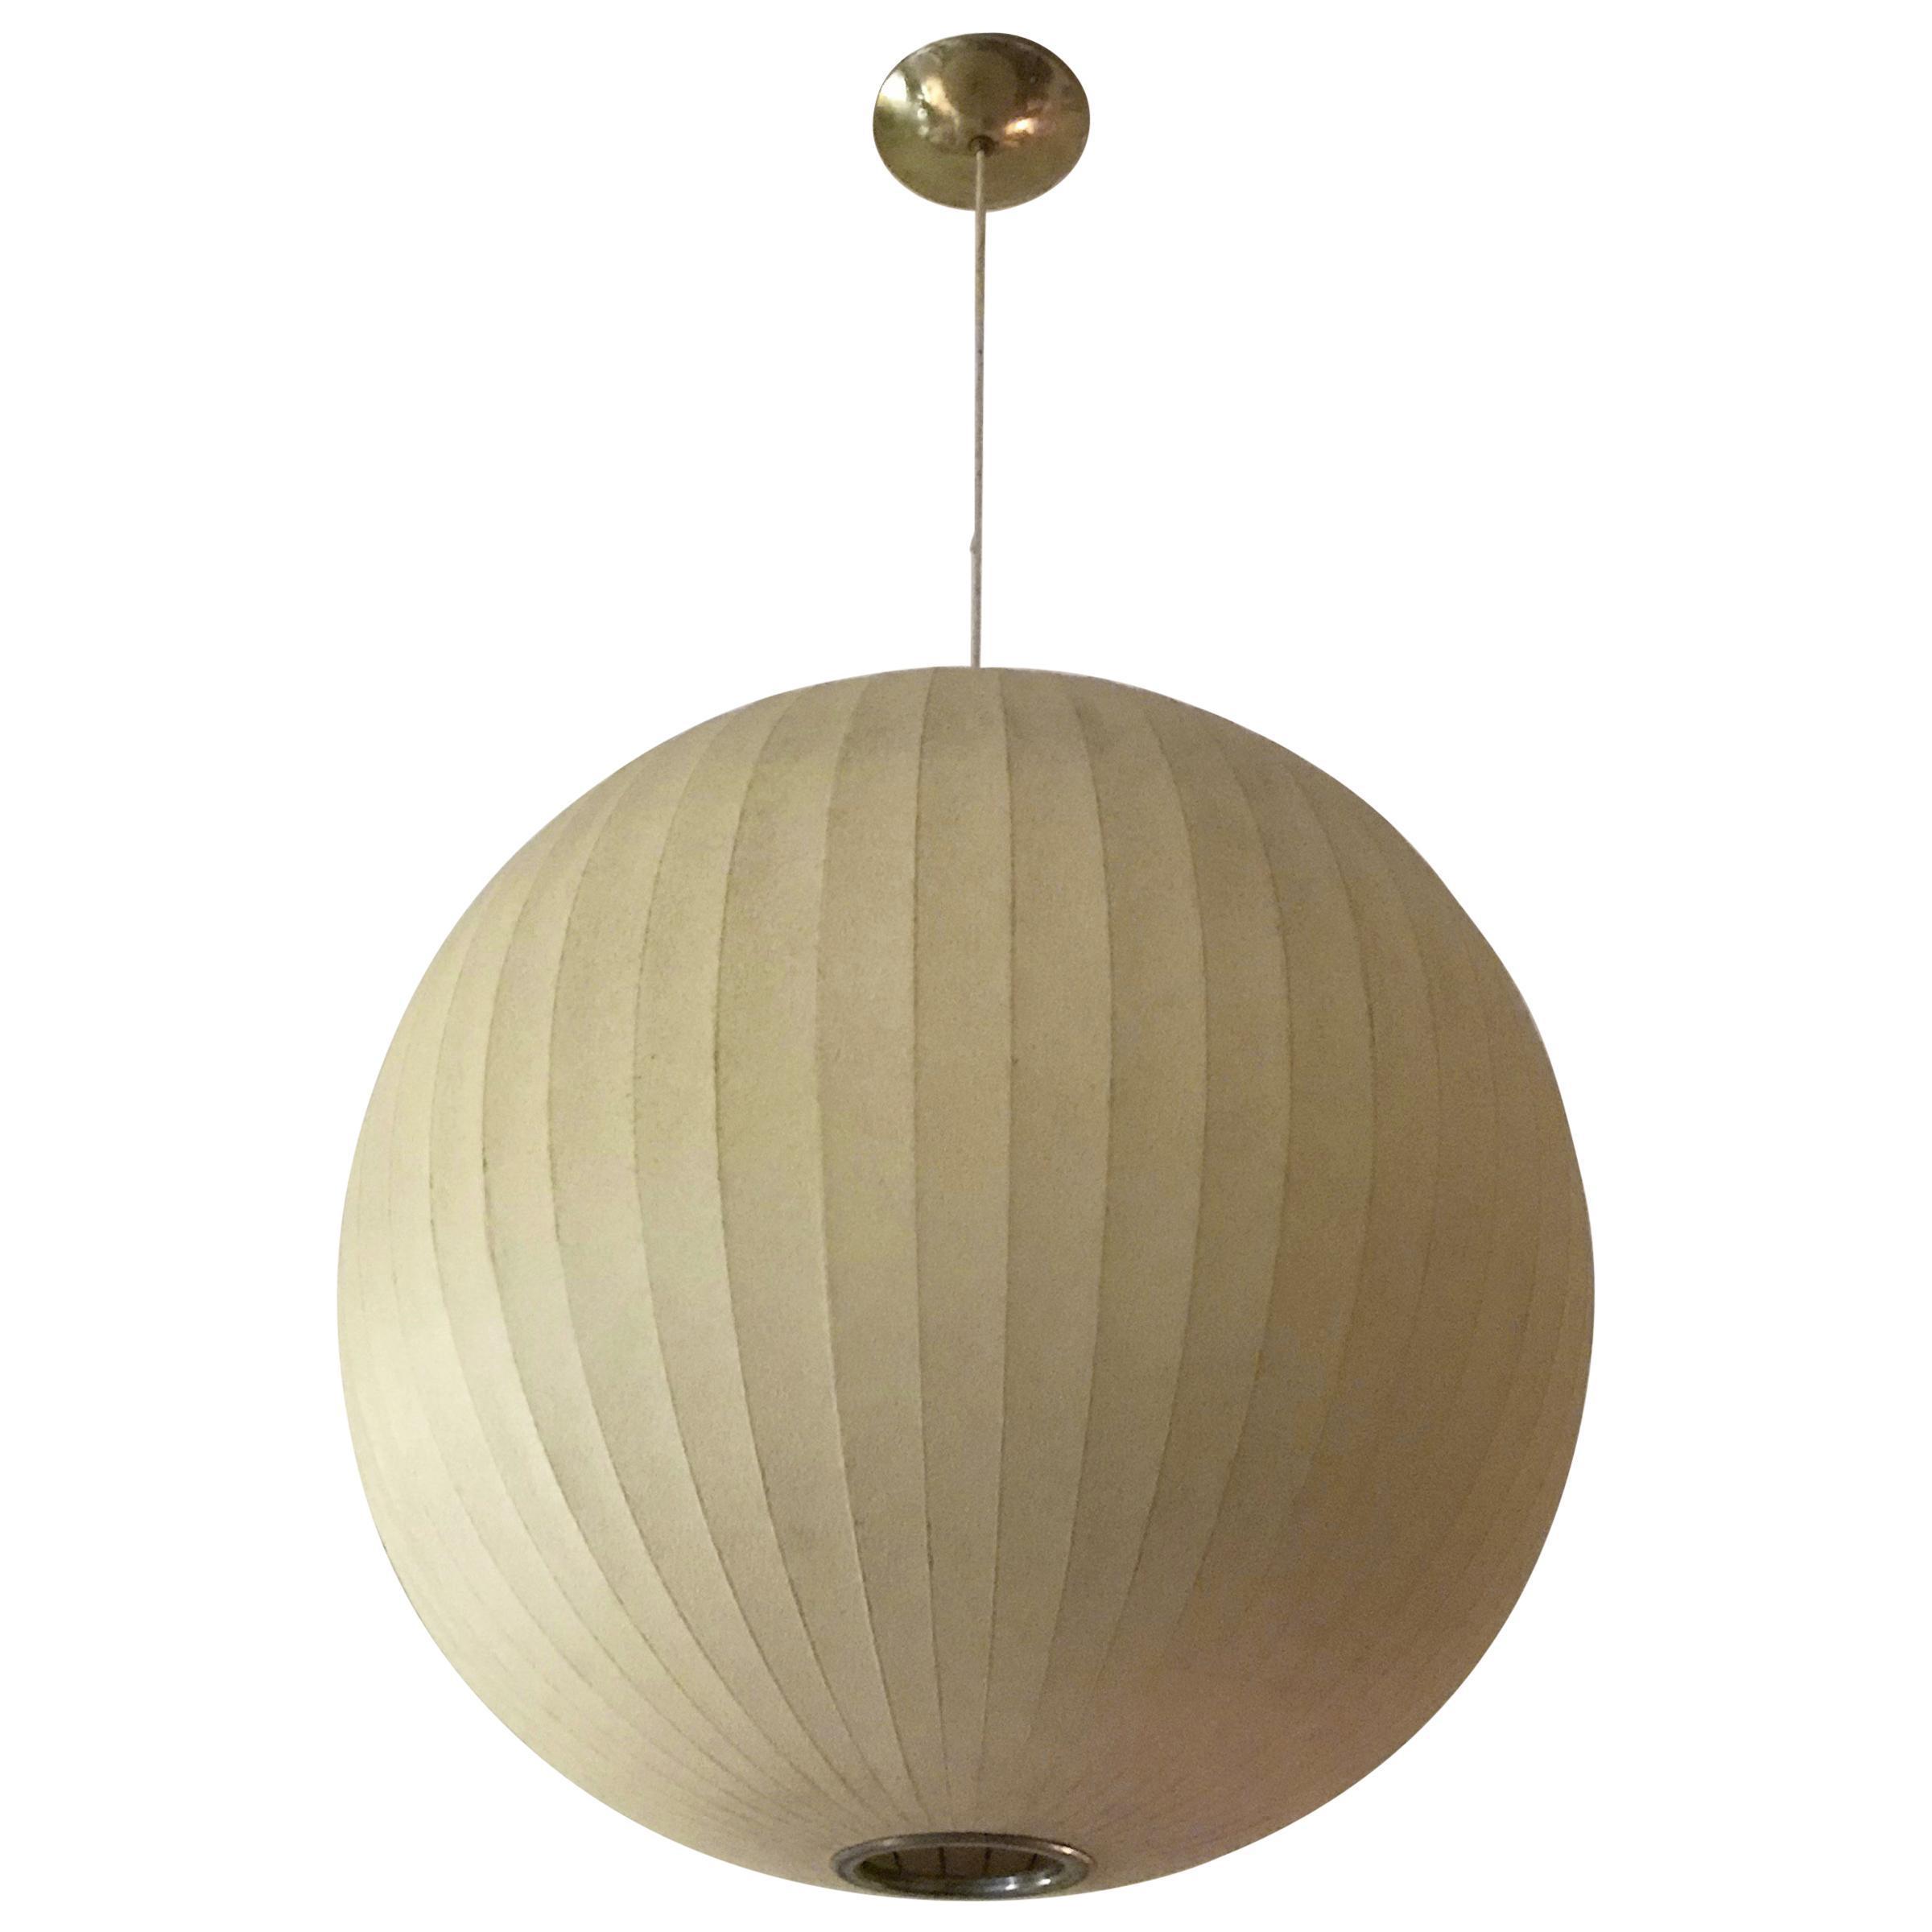 Large George Nelson Bubble Sphere Pendant Light Pendant Lighting Bedroom Nelson Bubble Lamp Globe Pendant Light